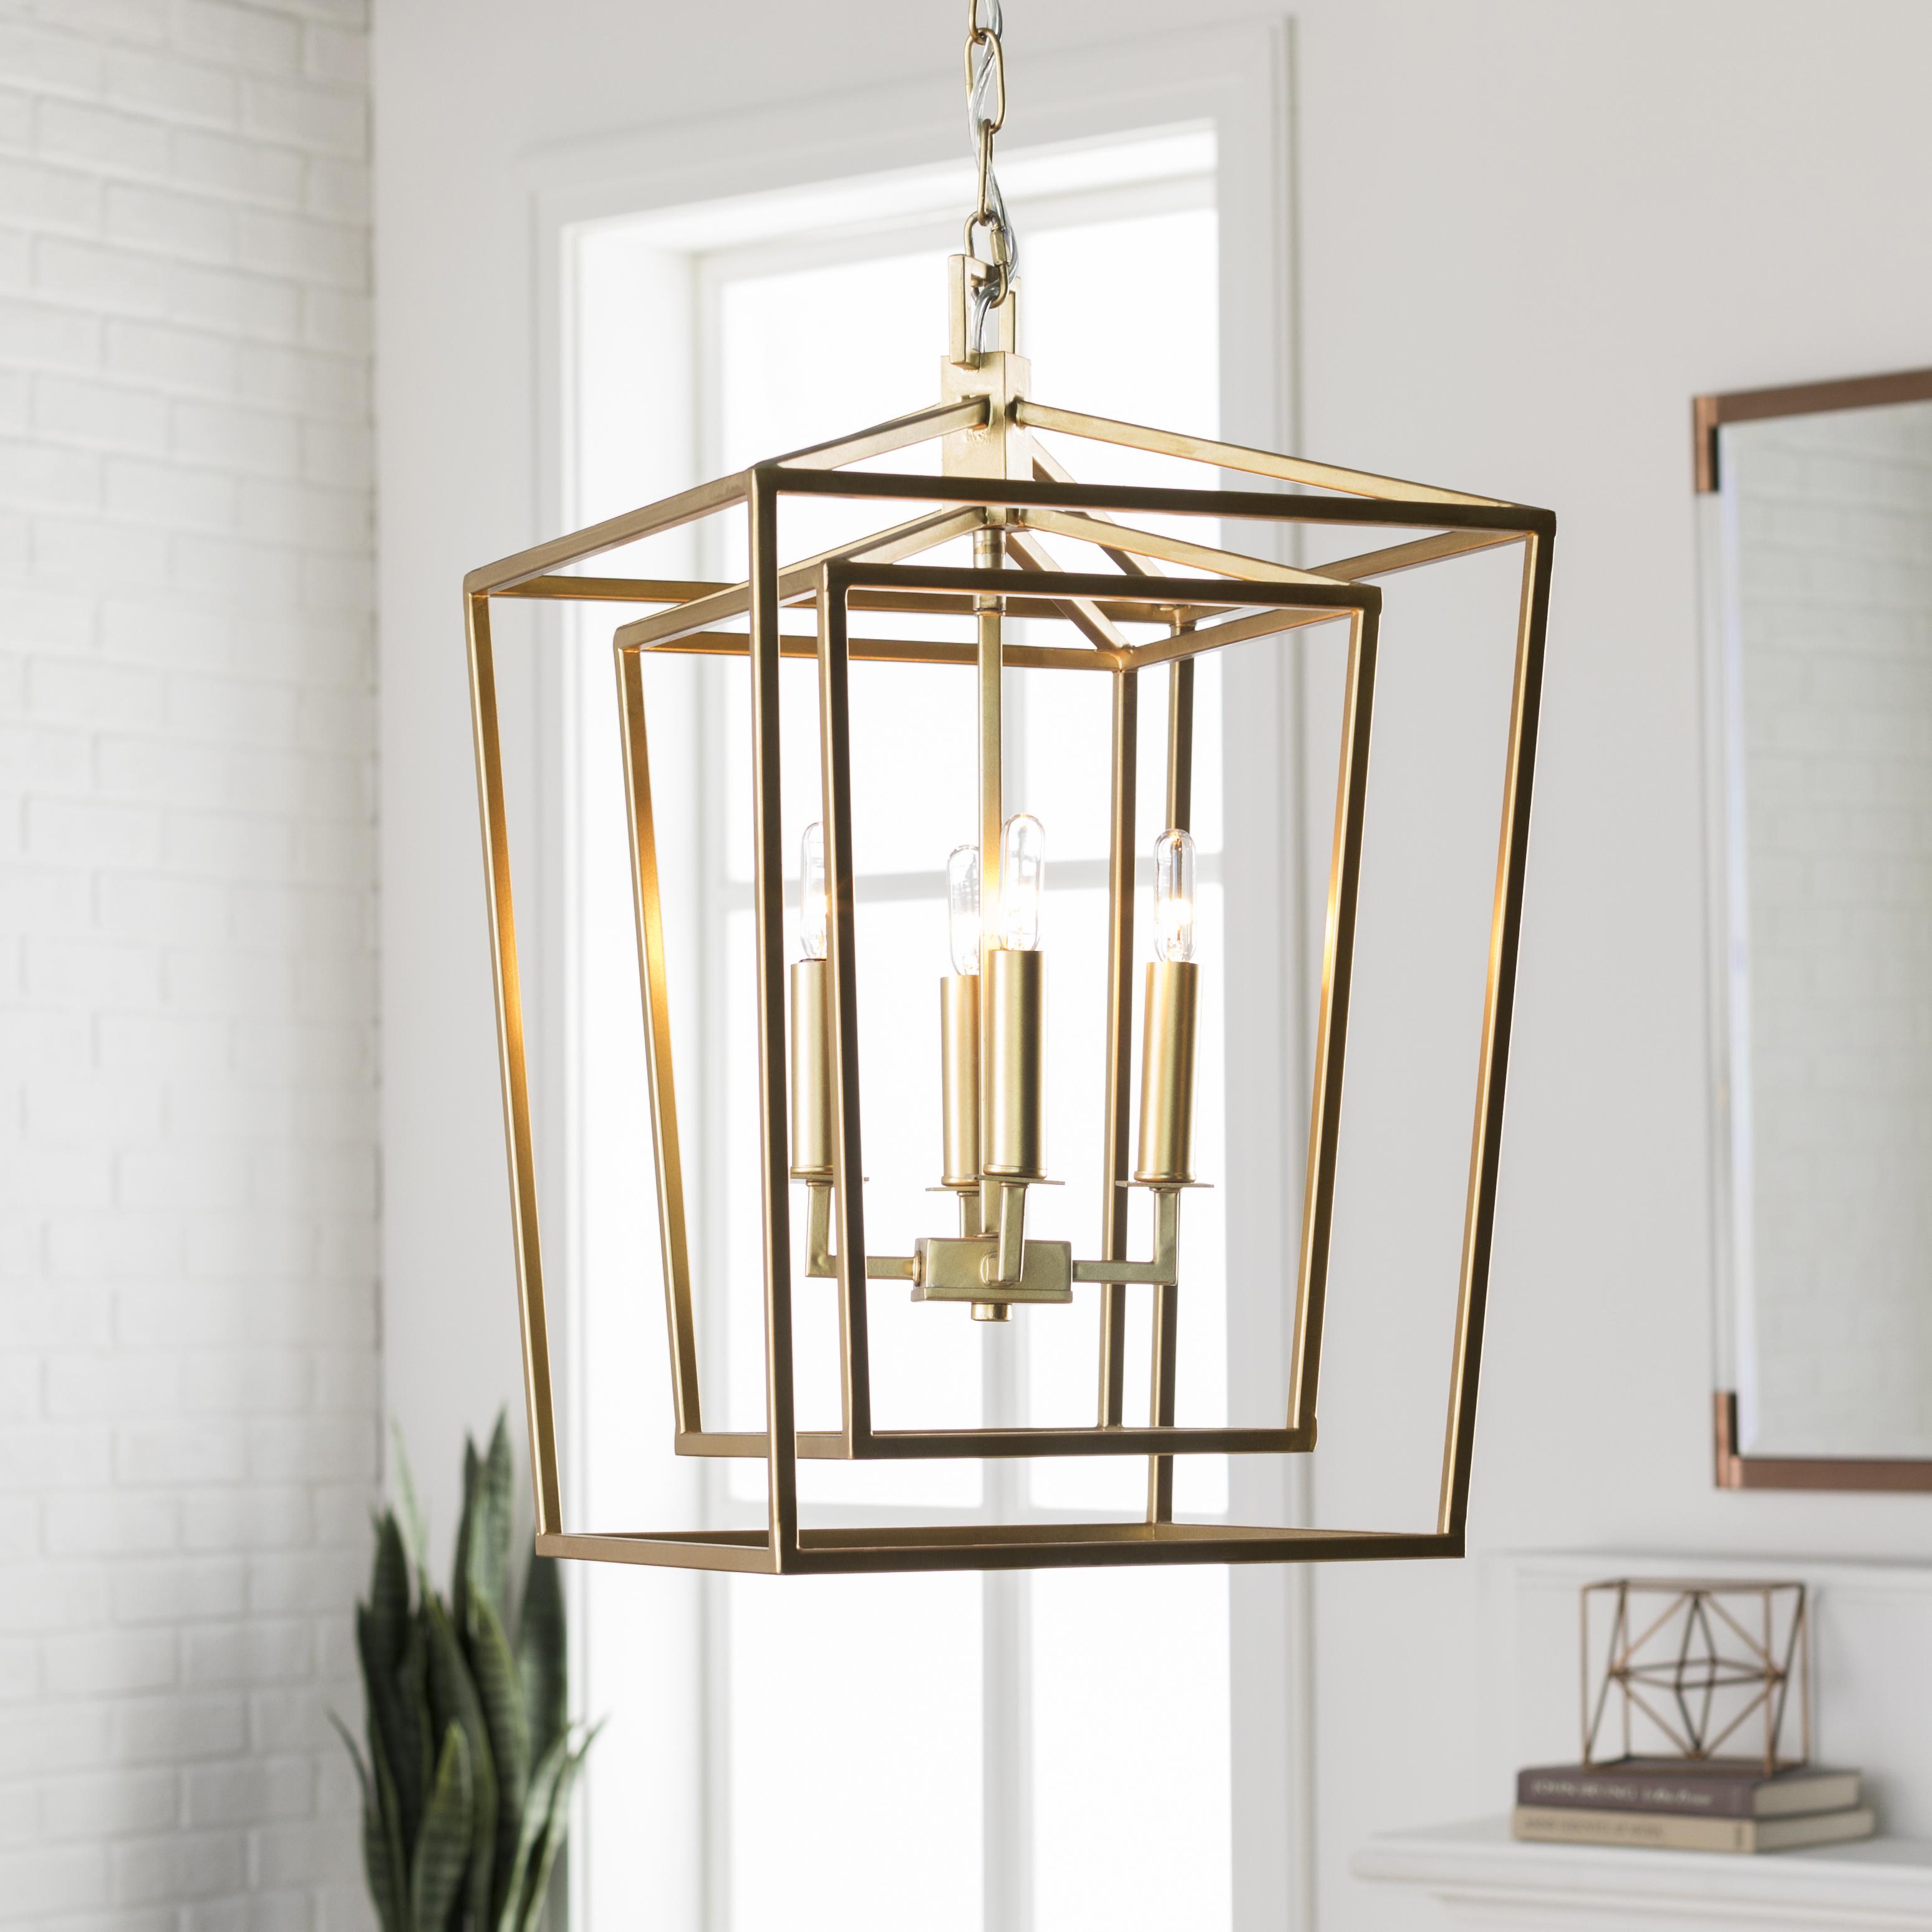 Bellair Lantern Ceiling Light Fixture, Gold